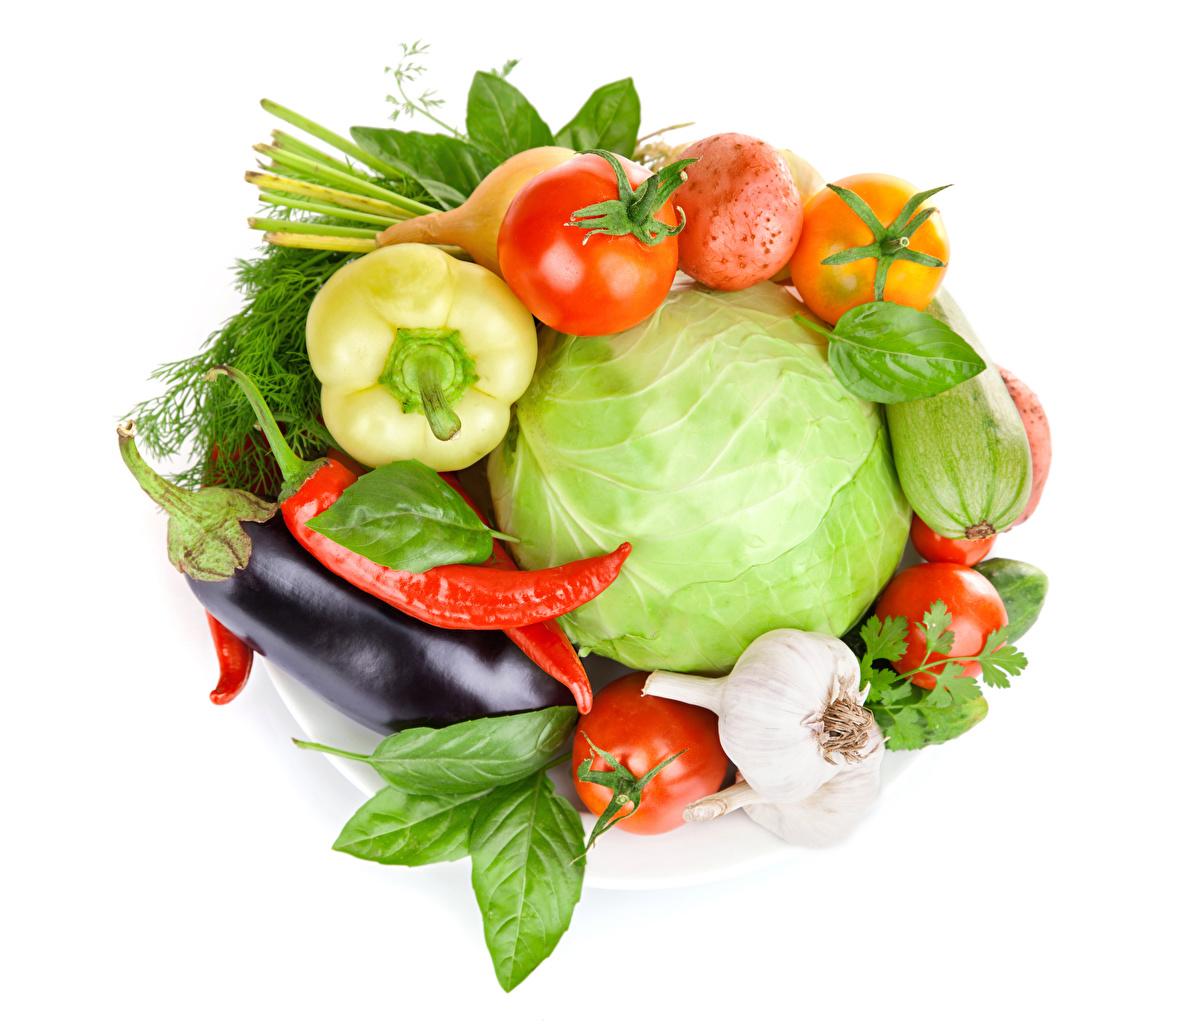 Bilder Kohl Tomate Aubergine Chili Pfeffer Knoblauch Gemüse Lebensmittel Weißer hintergrund